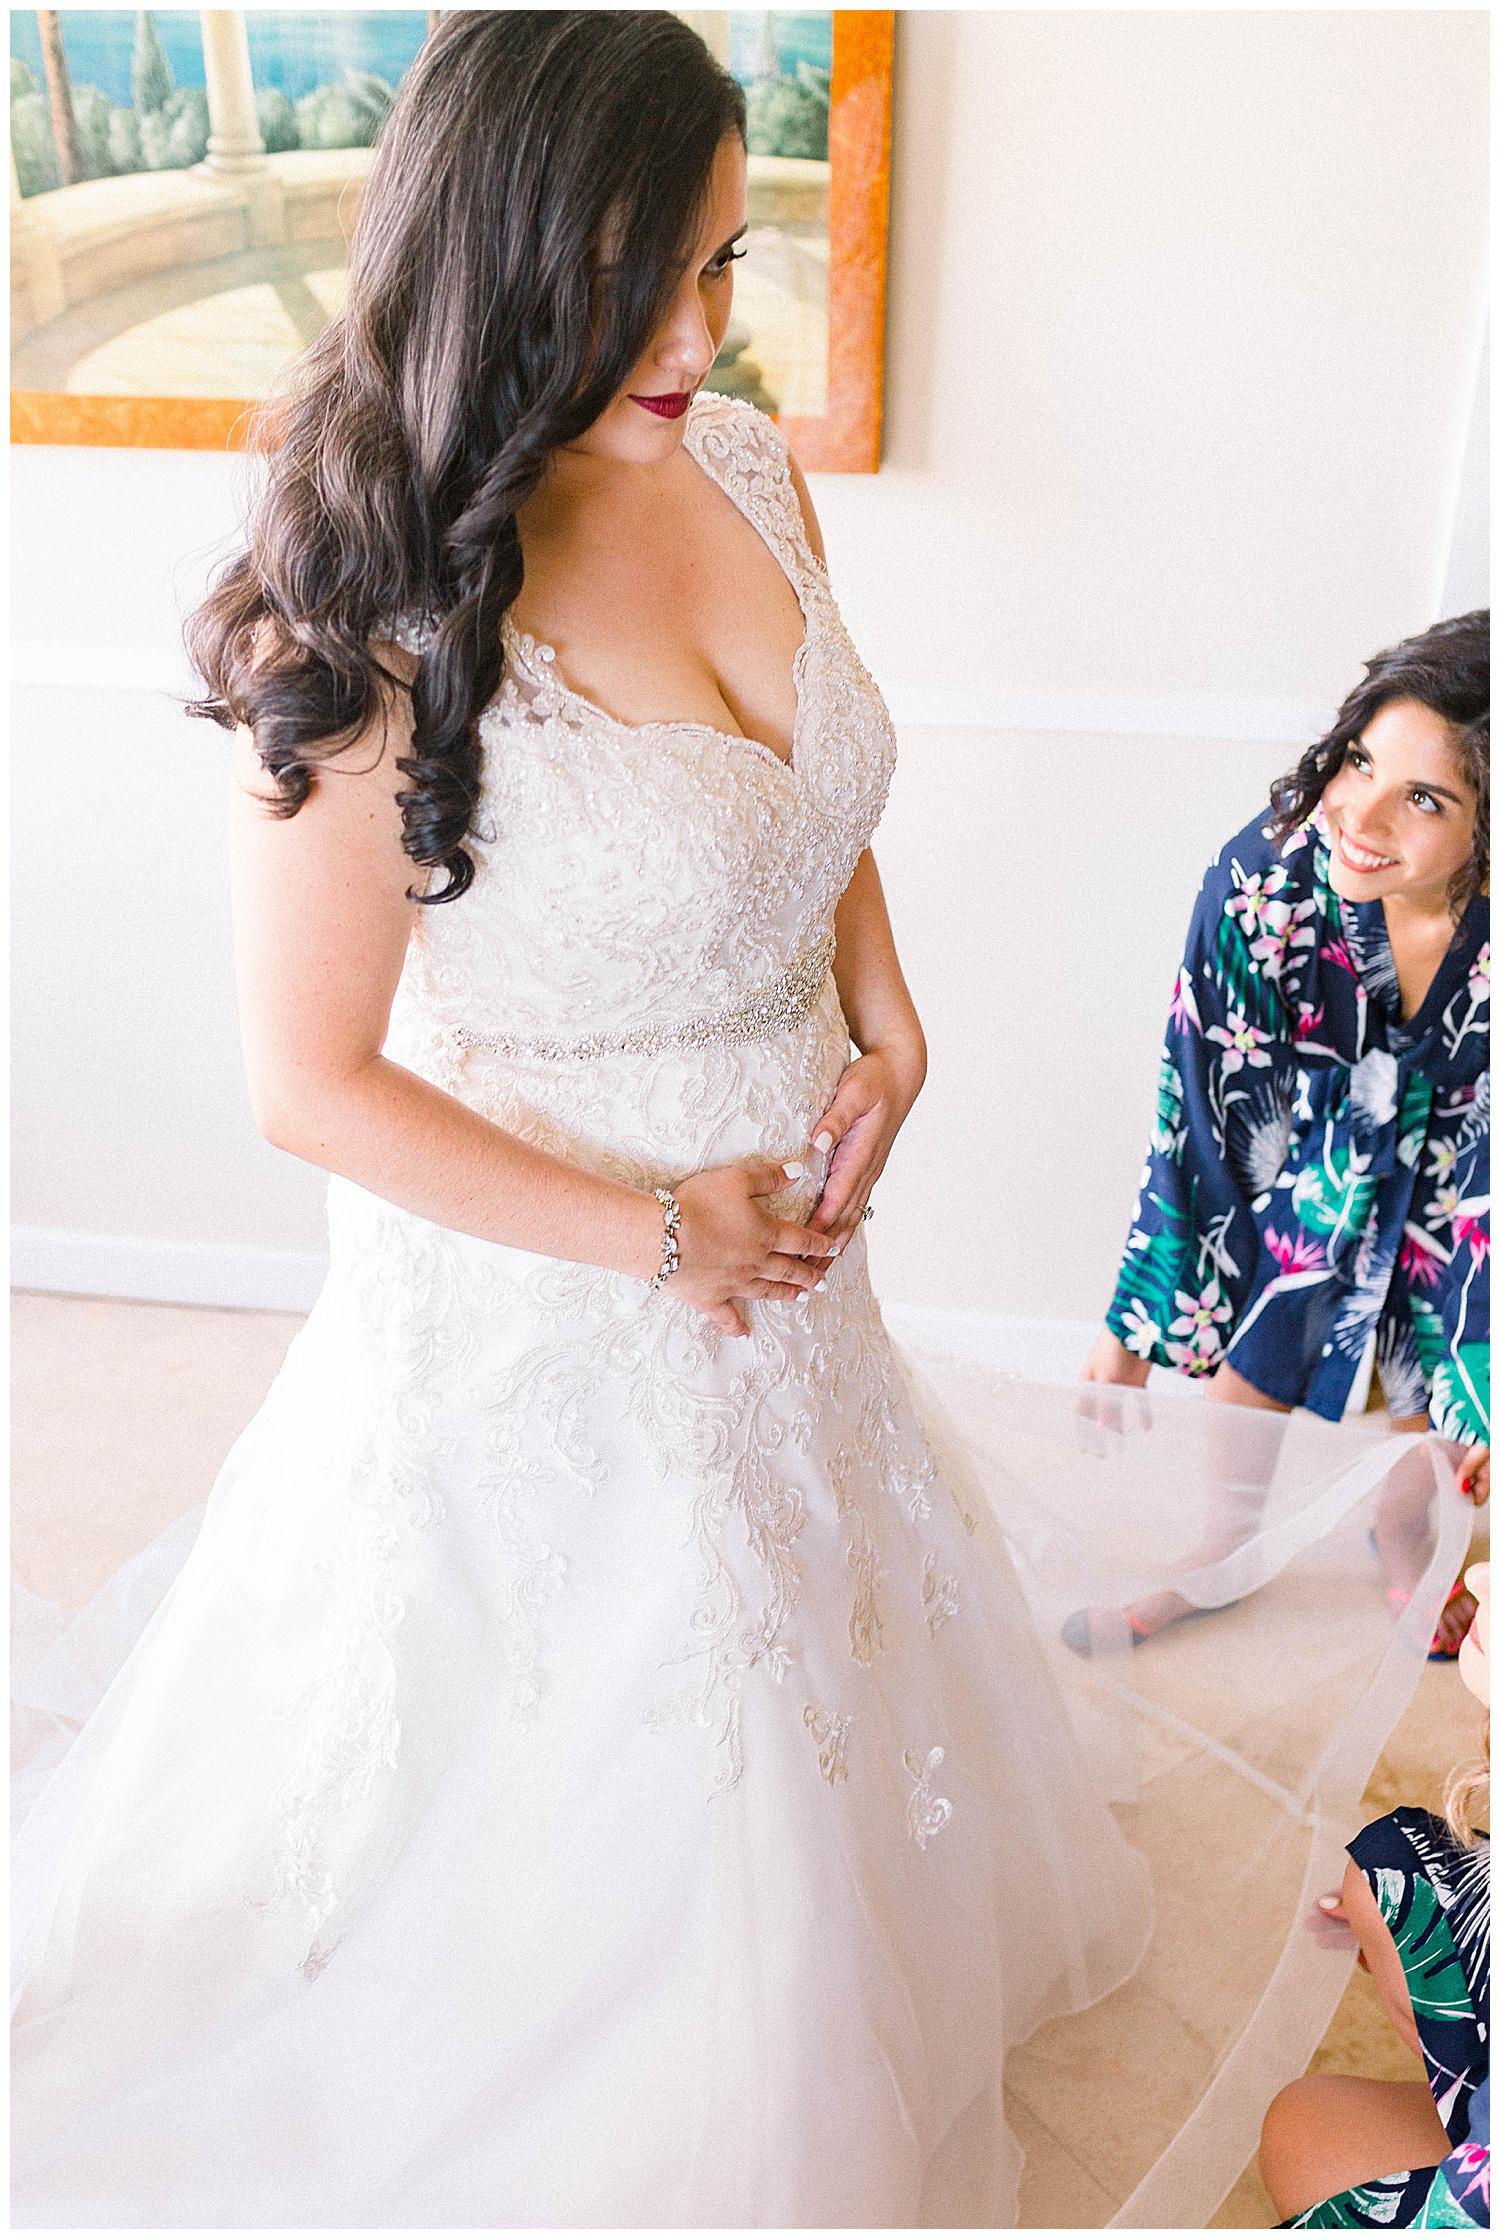 Maui-Wedding-Photography-Getting-Ready_0026.jpg